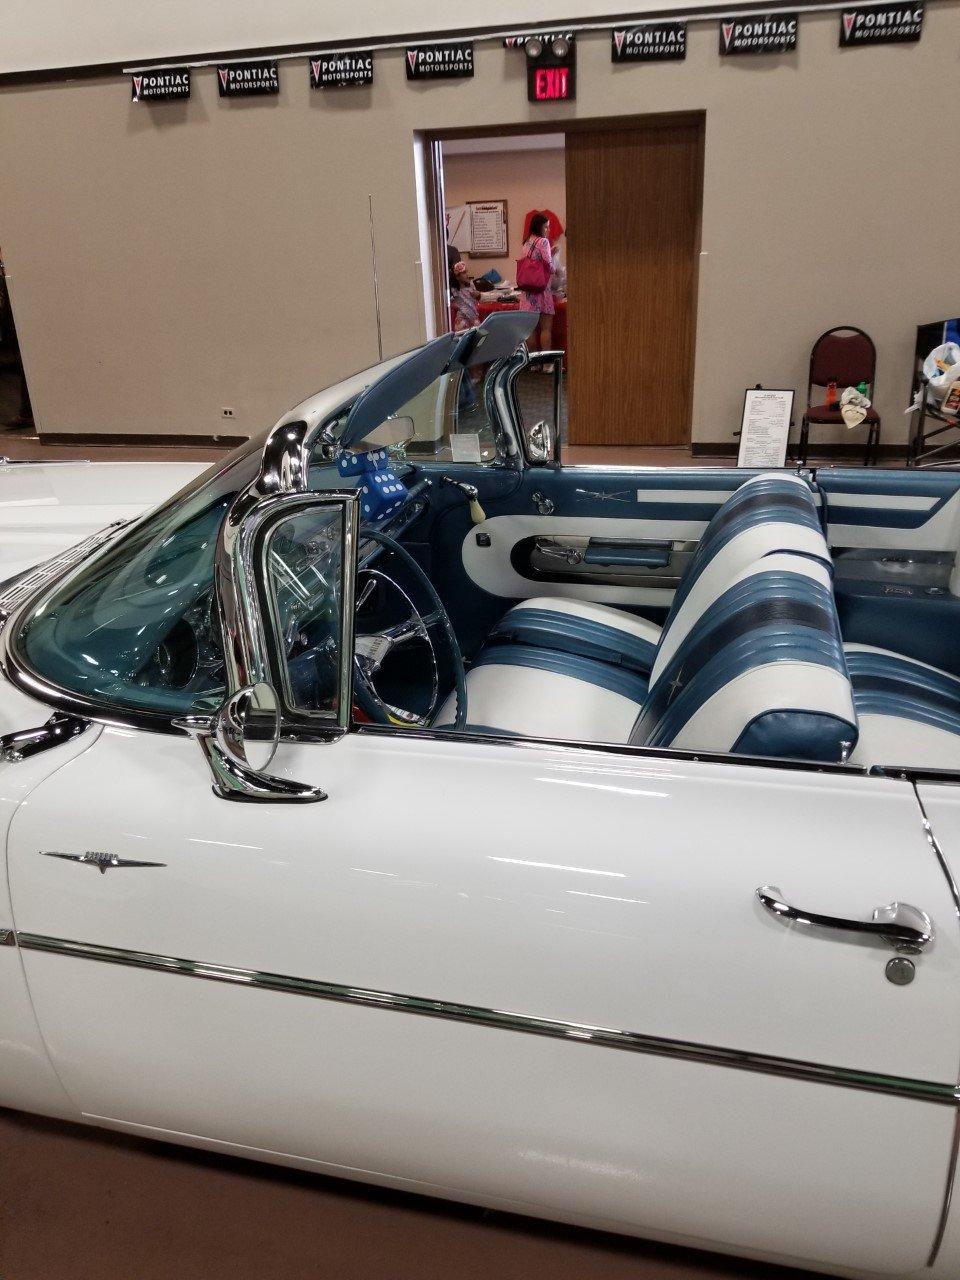 1959 Pontiac Bonneville Convertible For Sale (picture 5 of 6)